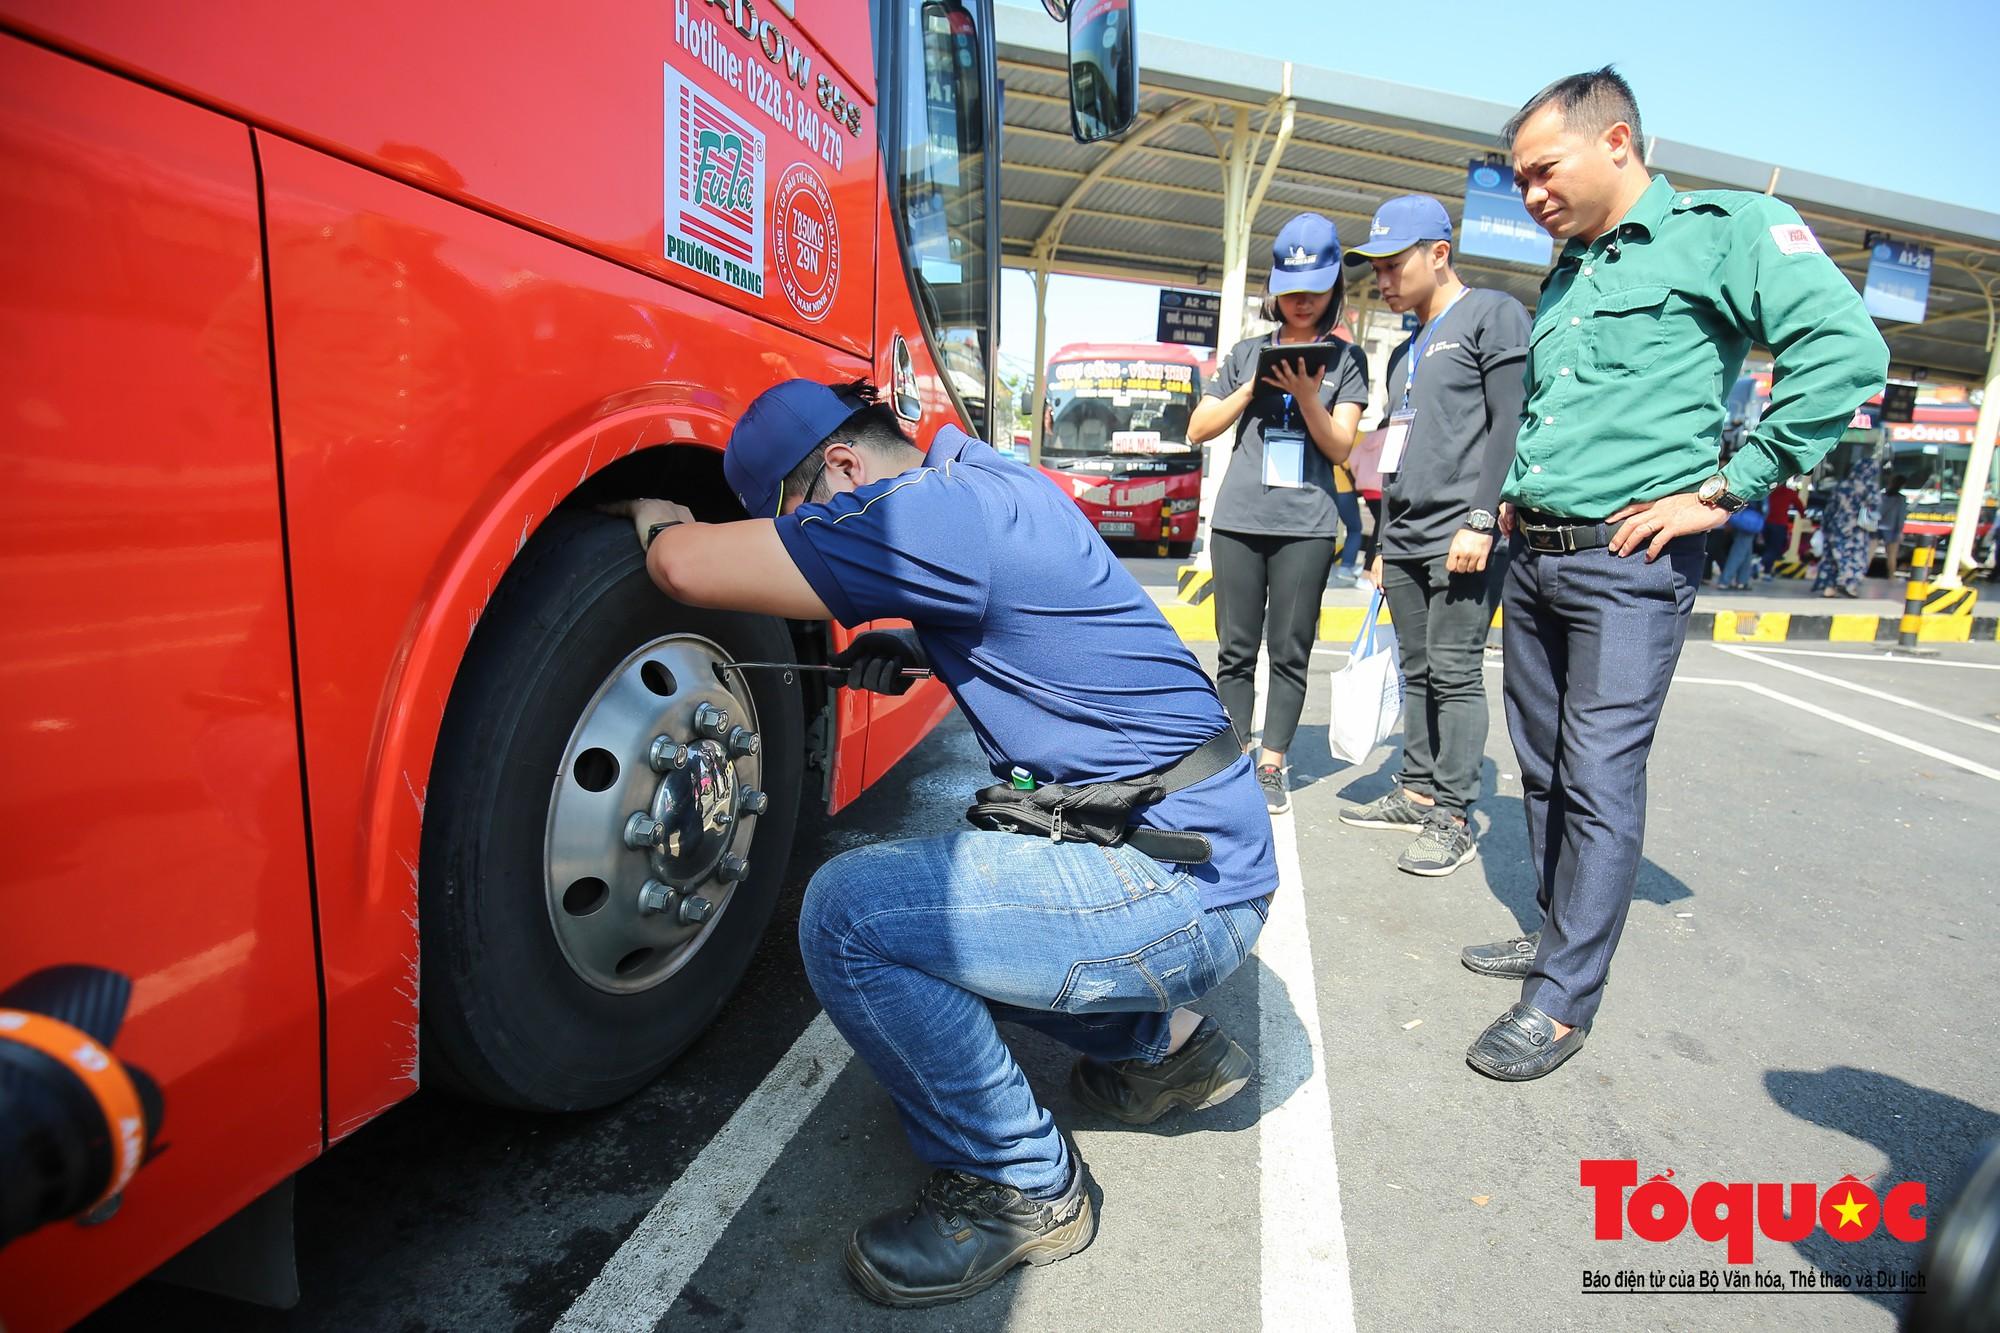 Ngày hội chăm sóc bác tài 2019 Trao yêu thương vì những chuyến xe an toàn (9)